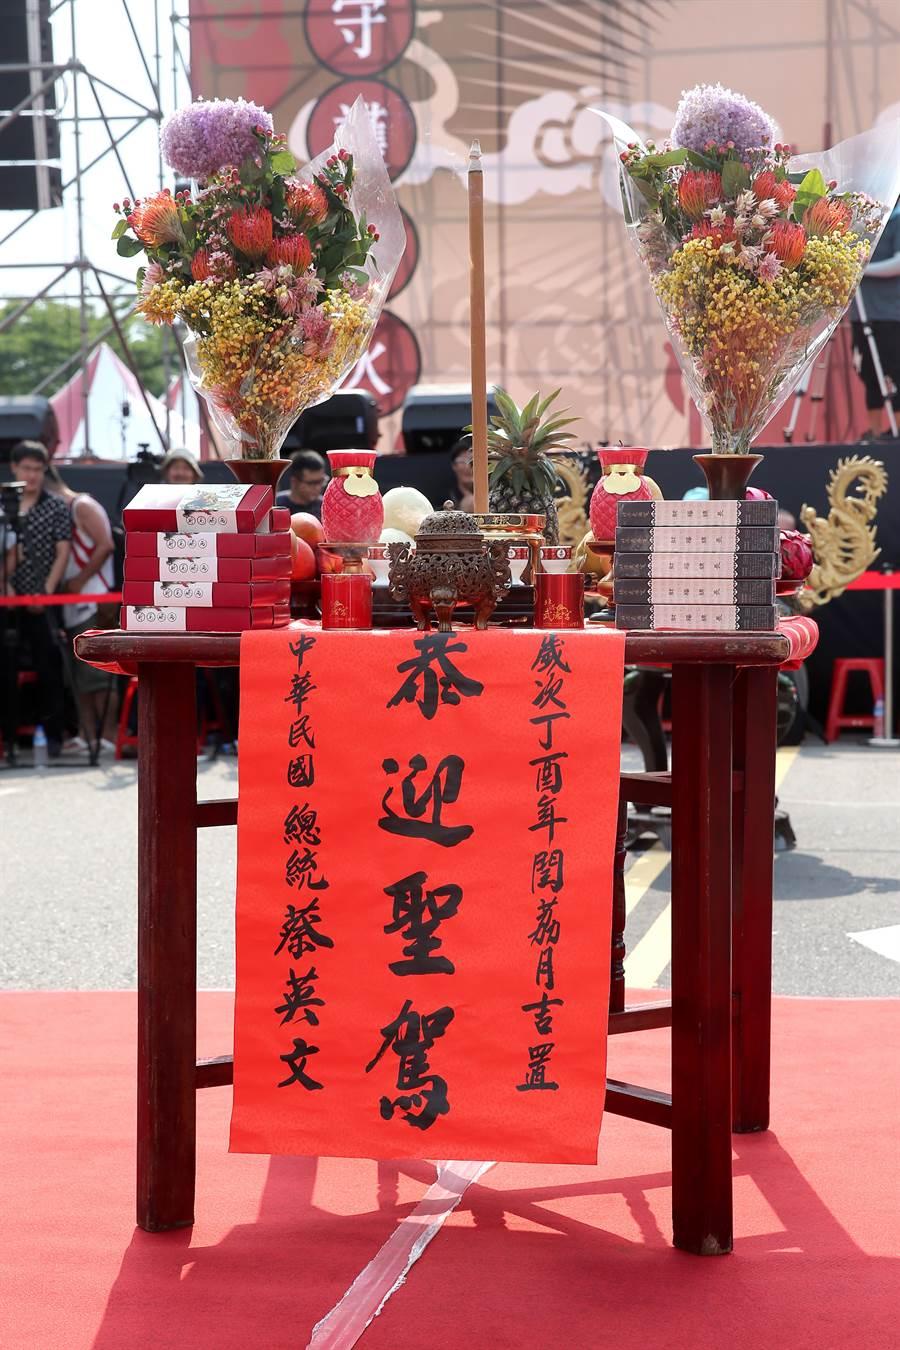 凱道中央設置一個迎神案桌,上頭署名「中華民國總統蔡英文」,主辦單位主持人宣稱這是蔡總統設置的。(黃世麒攝)